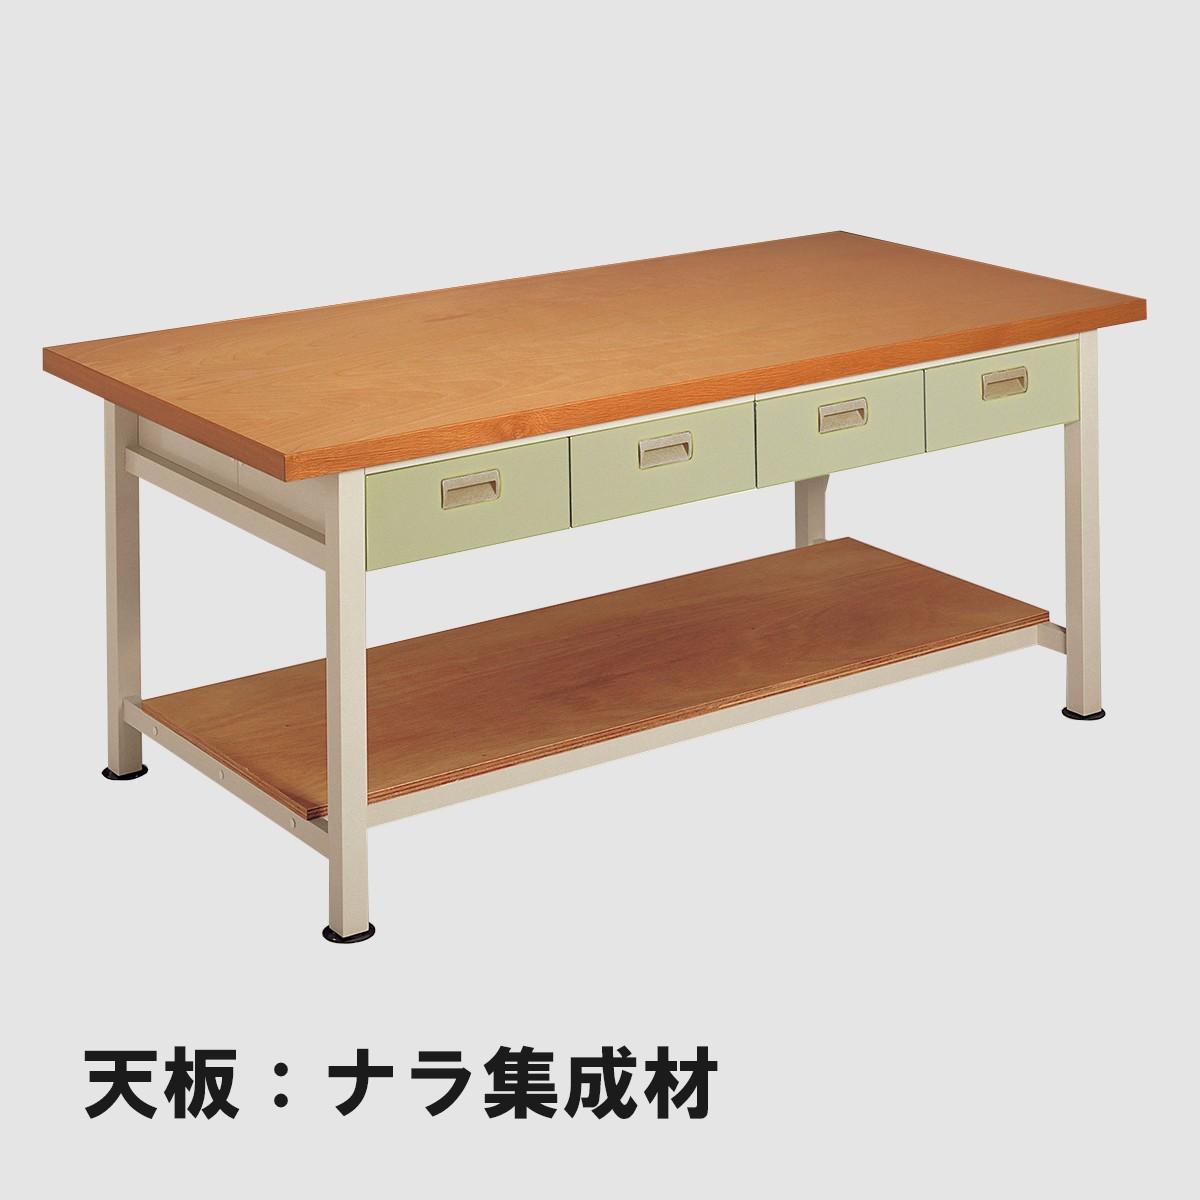 <お取り寄せ品※代引きキャンセル不可> 工作台 MT-211-S 天板:ナラ集成材 【 工作台 机 木製 図工室 美術室 】